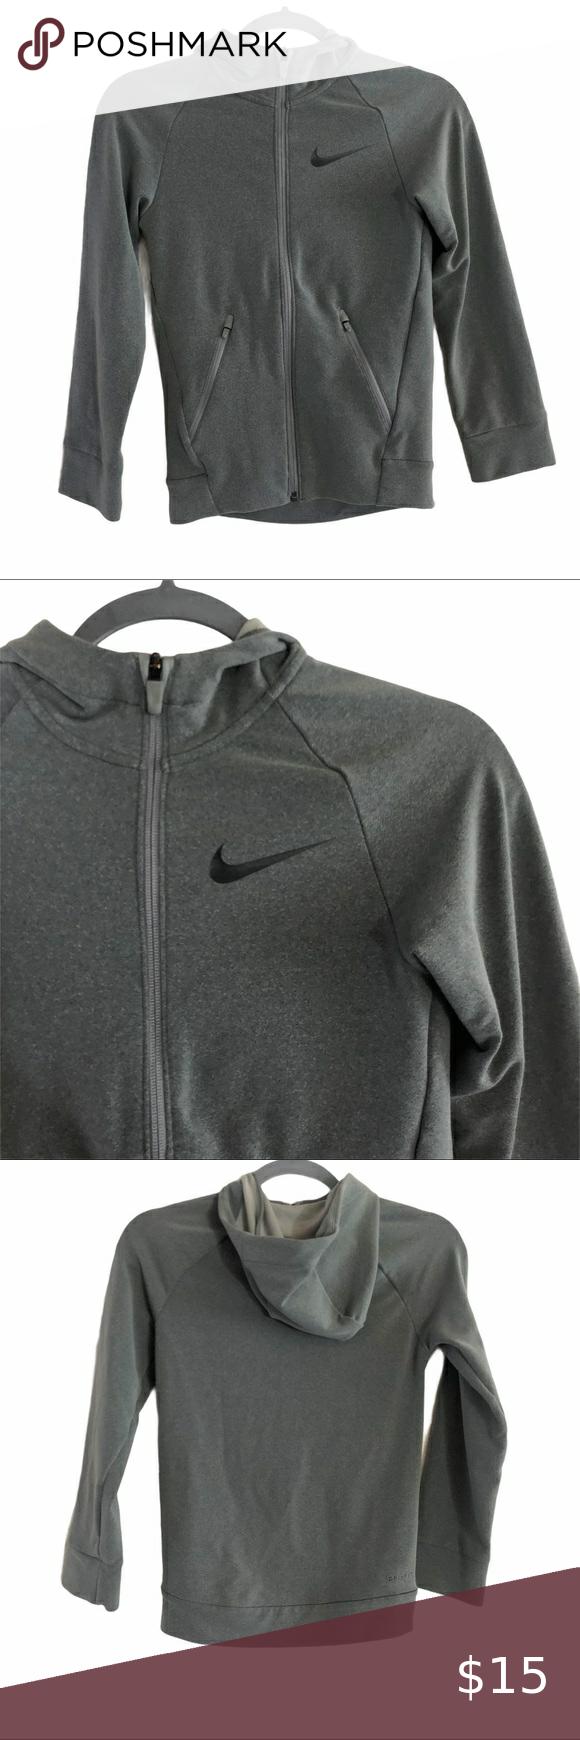 Nike Kids Dri Fit Gray Hoodie Size Small Grey Hoodie Nike Kids Hoodies [ 1740 x 580 Pixel ]